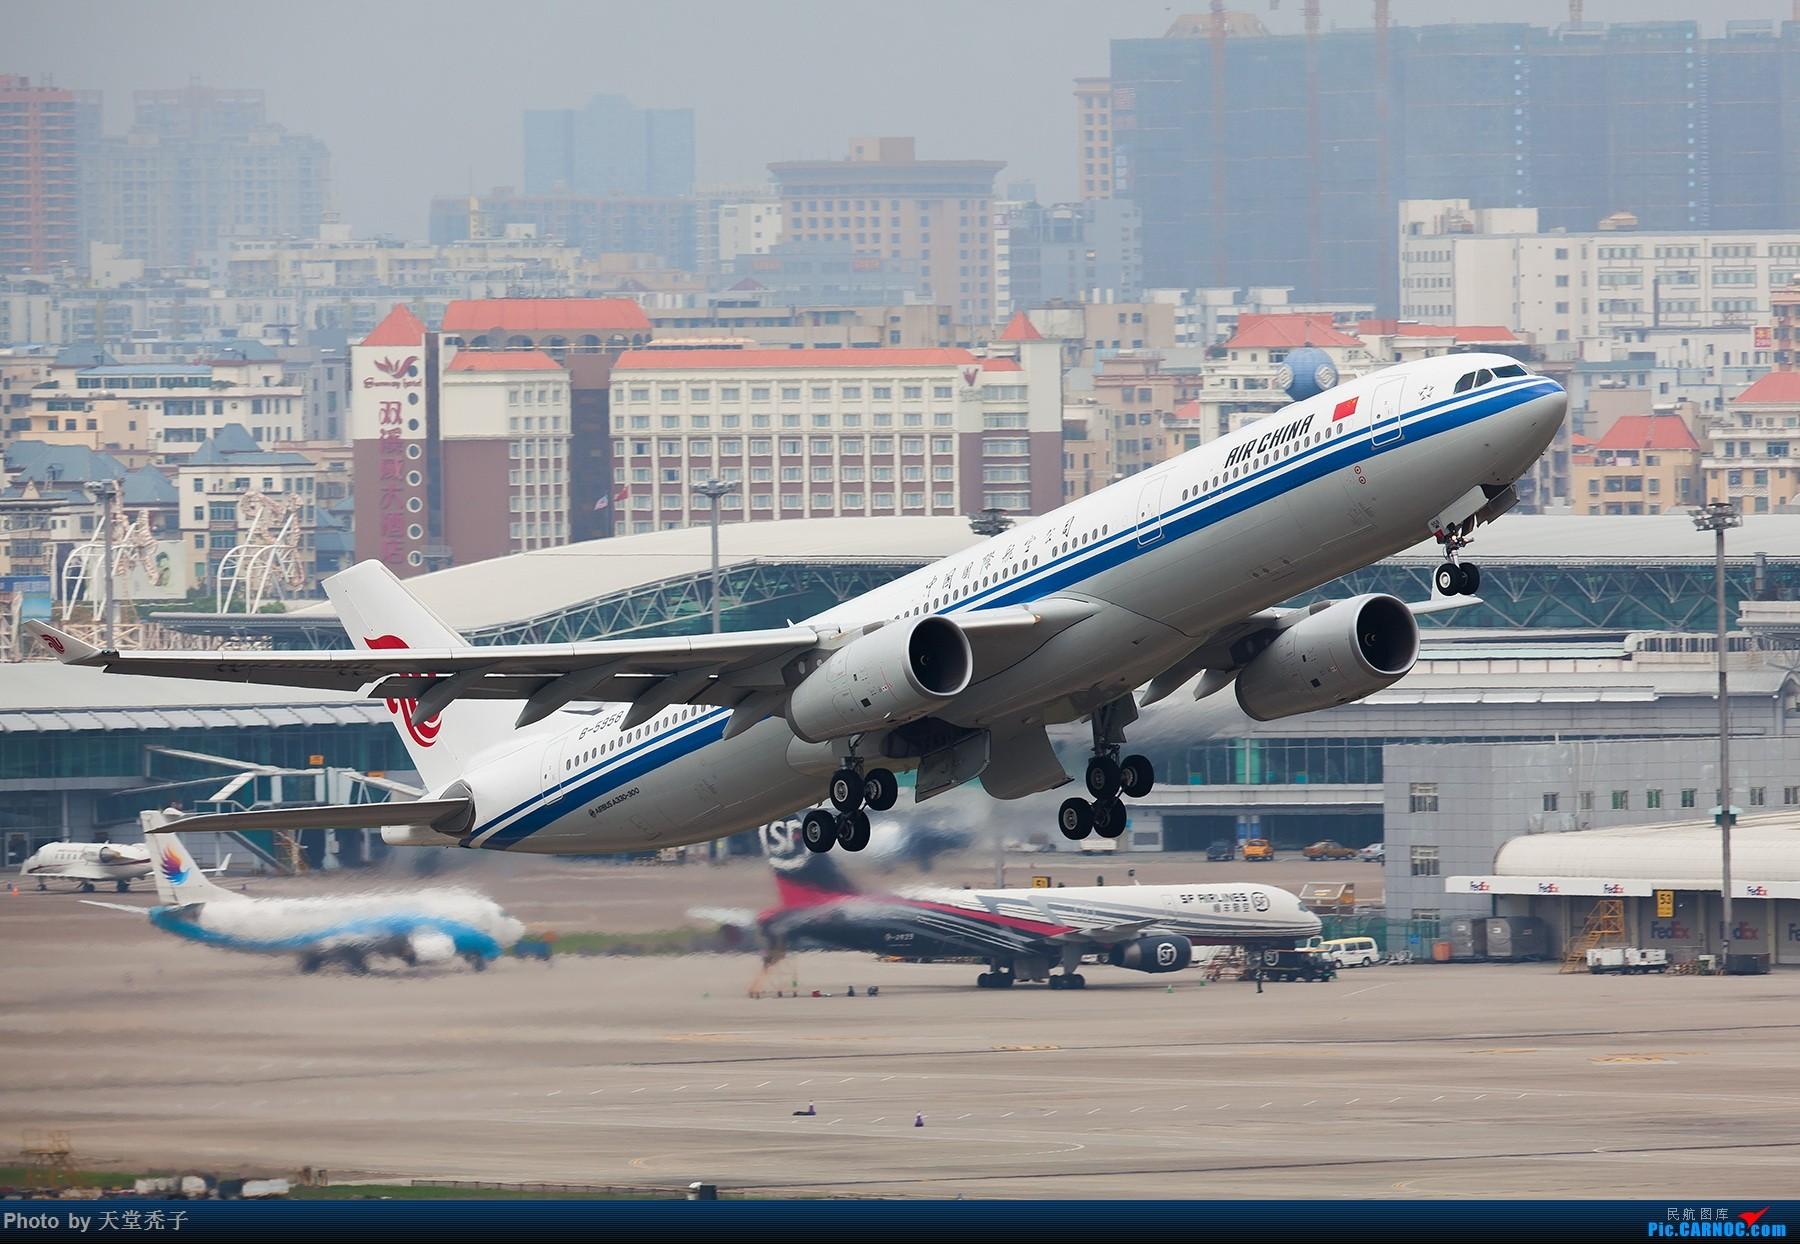 [原创]路过,拍过,怀念过 AIRBUS A330-300 B-5958 中国深圳宝安国际机场